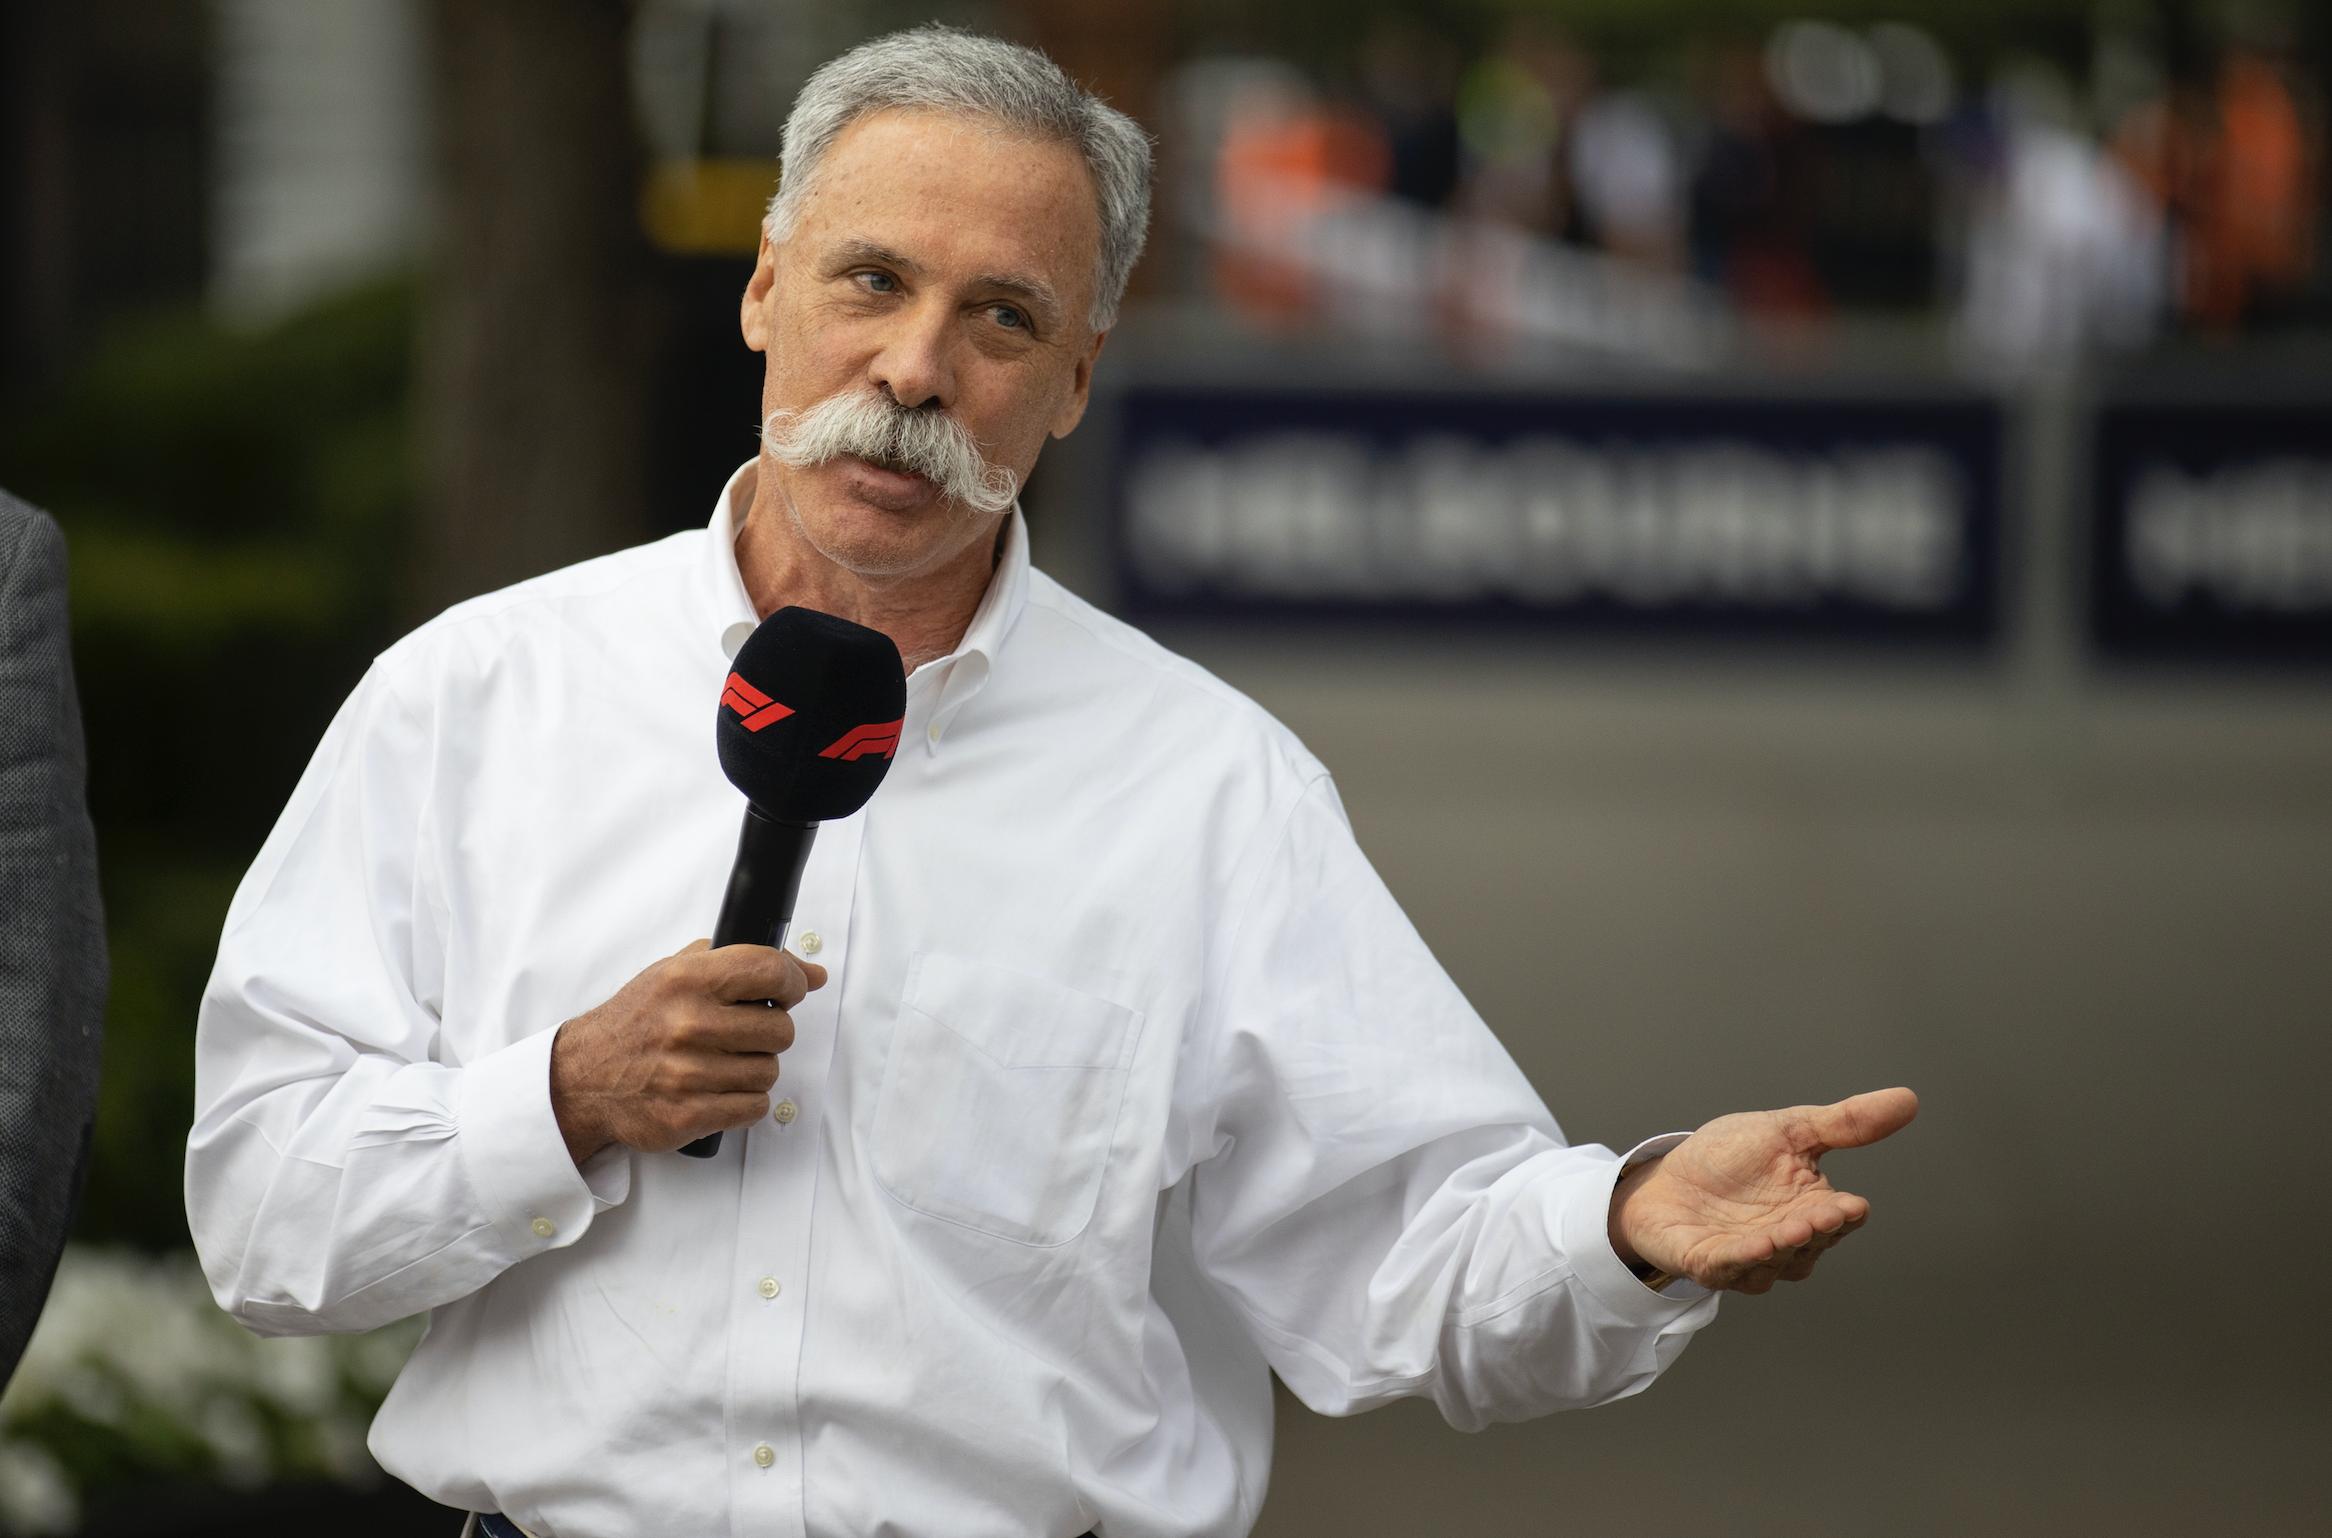 Formule 1 wil in juli met GP Oostenrijk zonder publiek beginnen